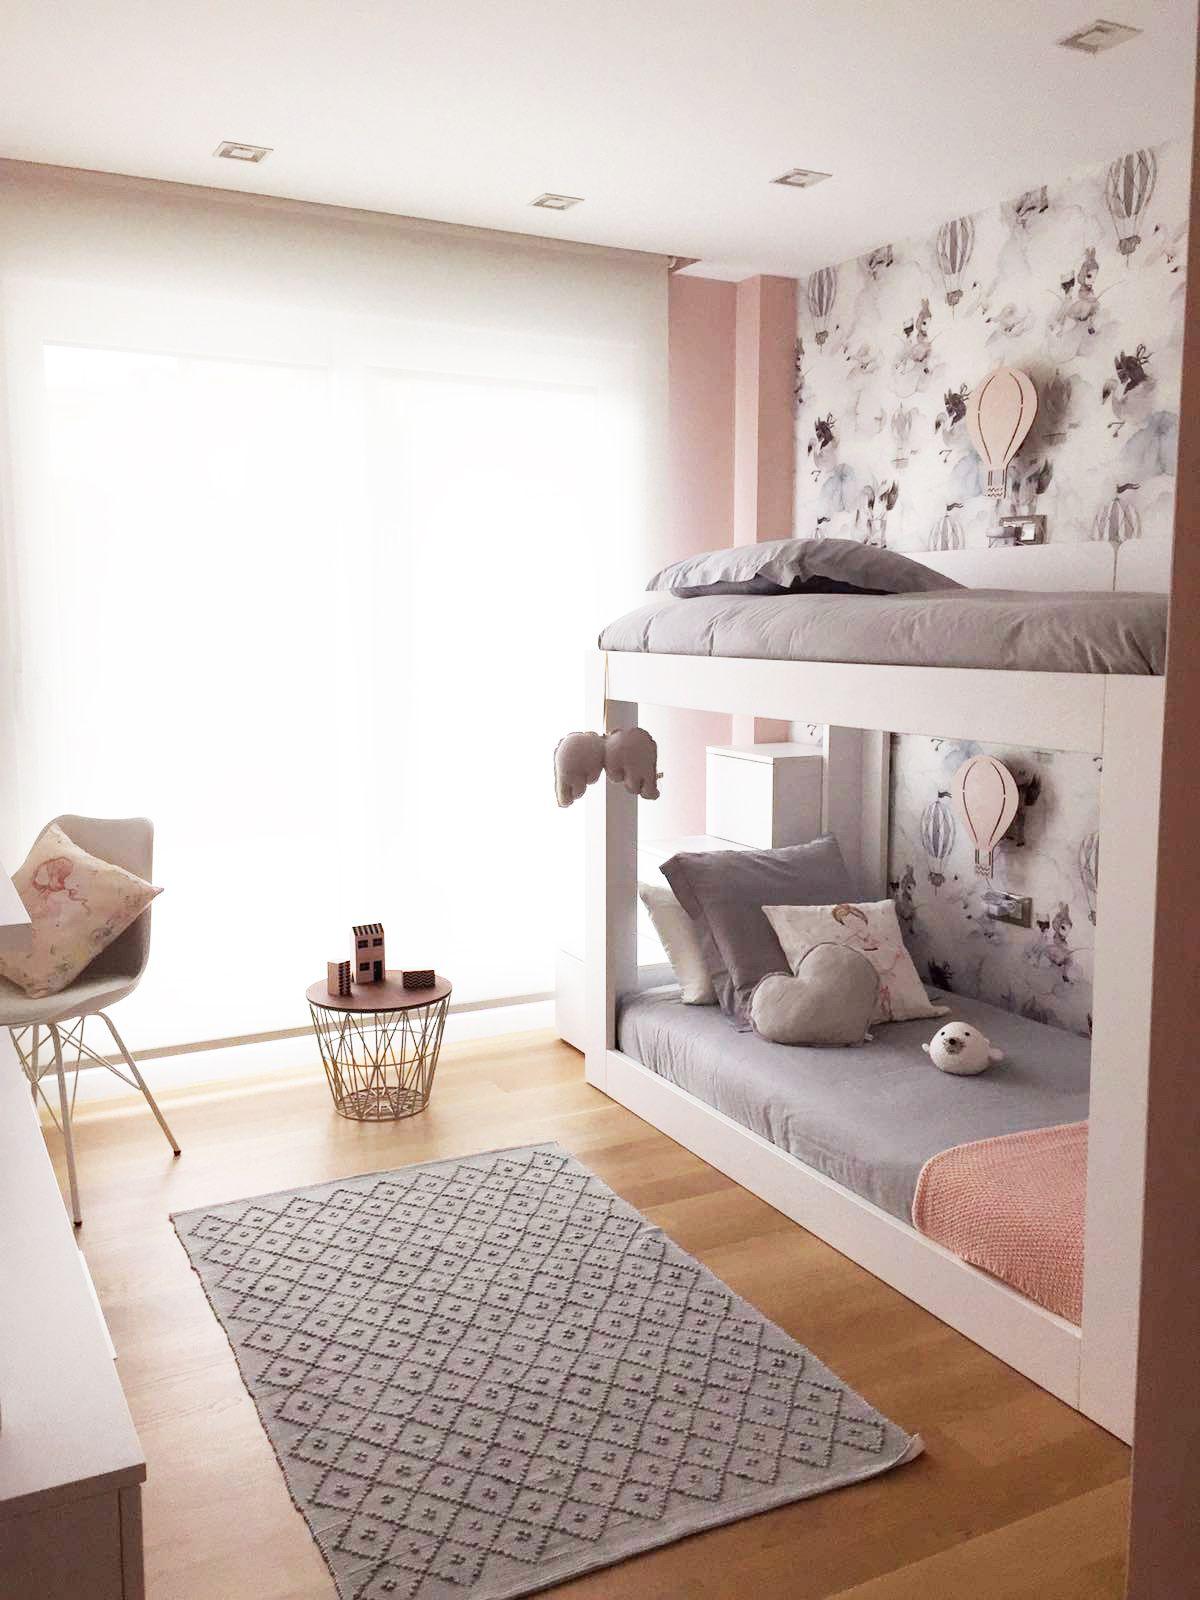 Habitaci n gris y rosa con papel pintado oh clouds de mr for Decoracion habitacion nina gris y rosa